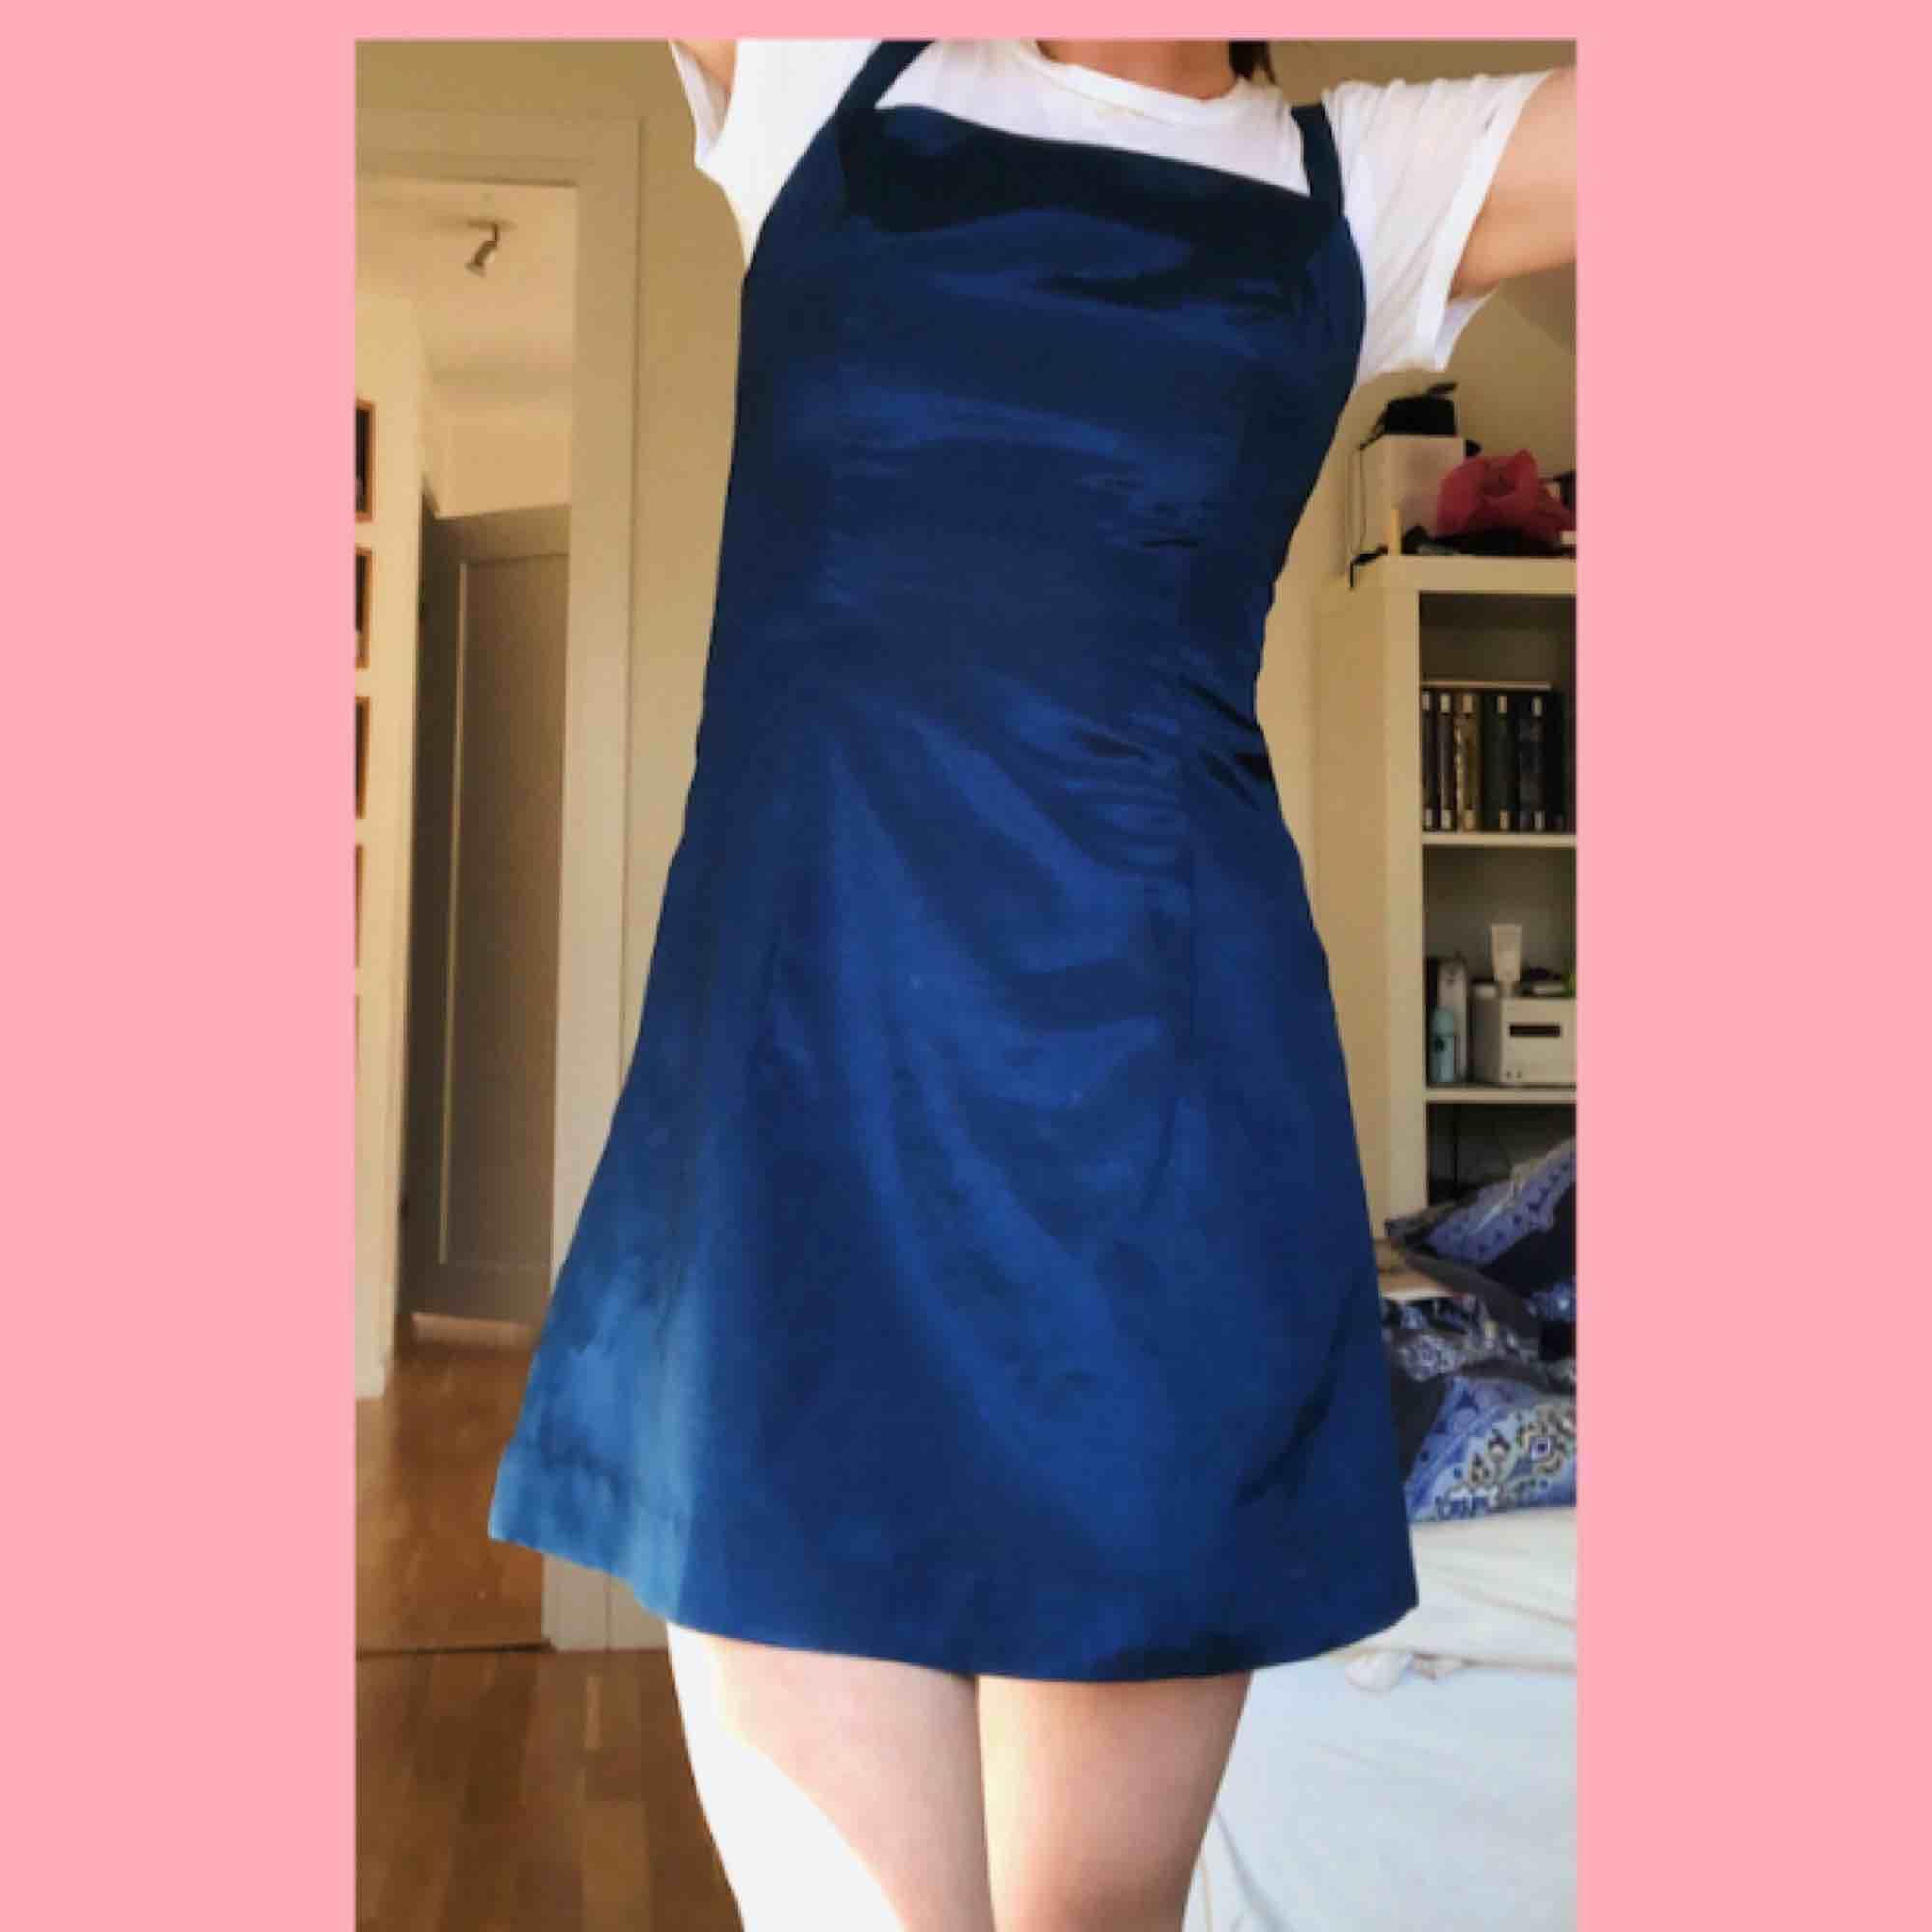 Otrolig vacker mörkblå vintage klänning i siden med skiftningar i turkost perfekt till en sommarbal eller bara som en supersöt picnic klänning. Står ingen storlek i  klänningen men skulle säga att den sitter bäst på en S! Frakt: 25kr. Klänningar.